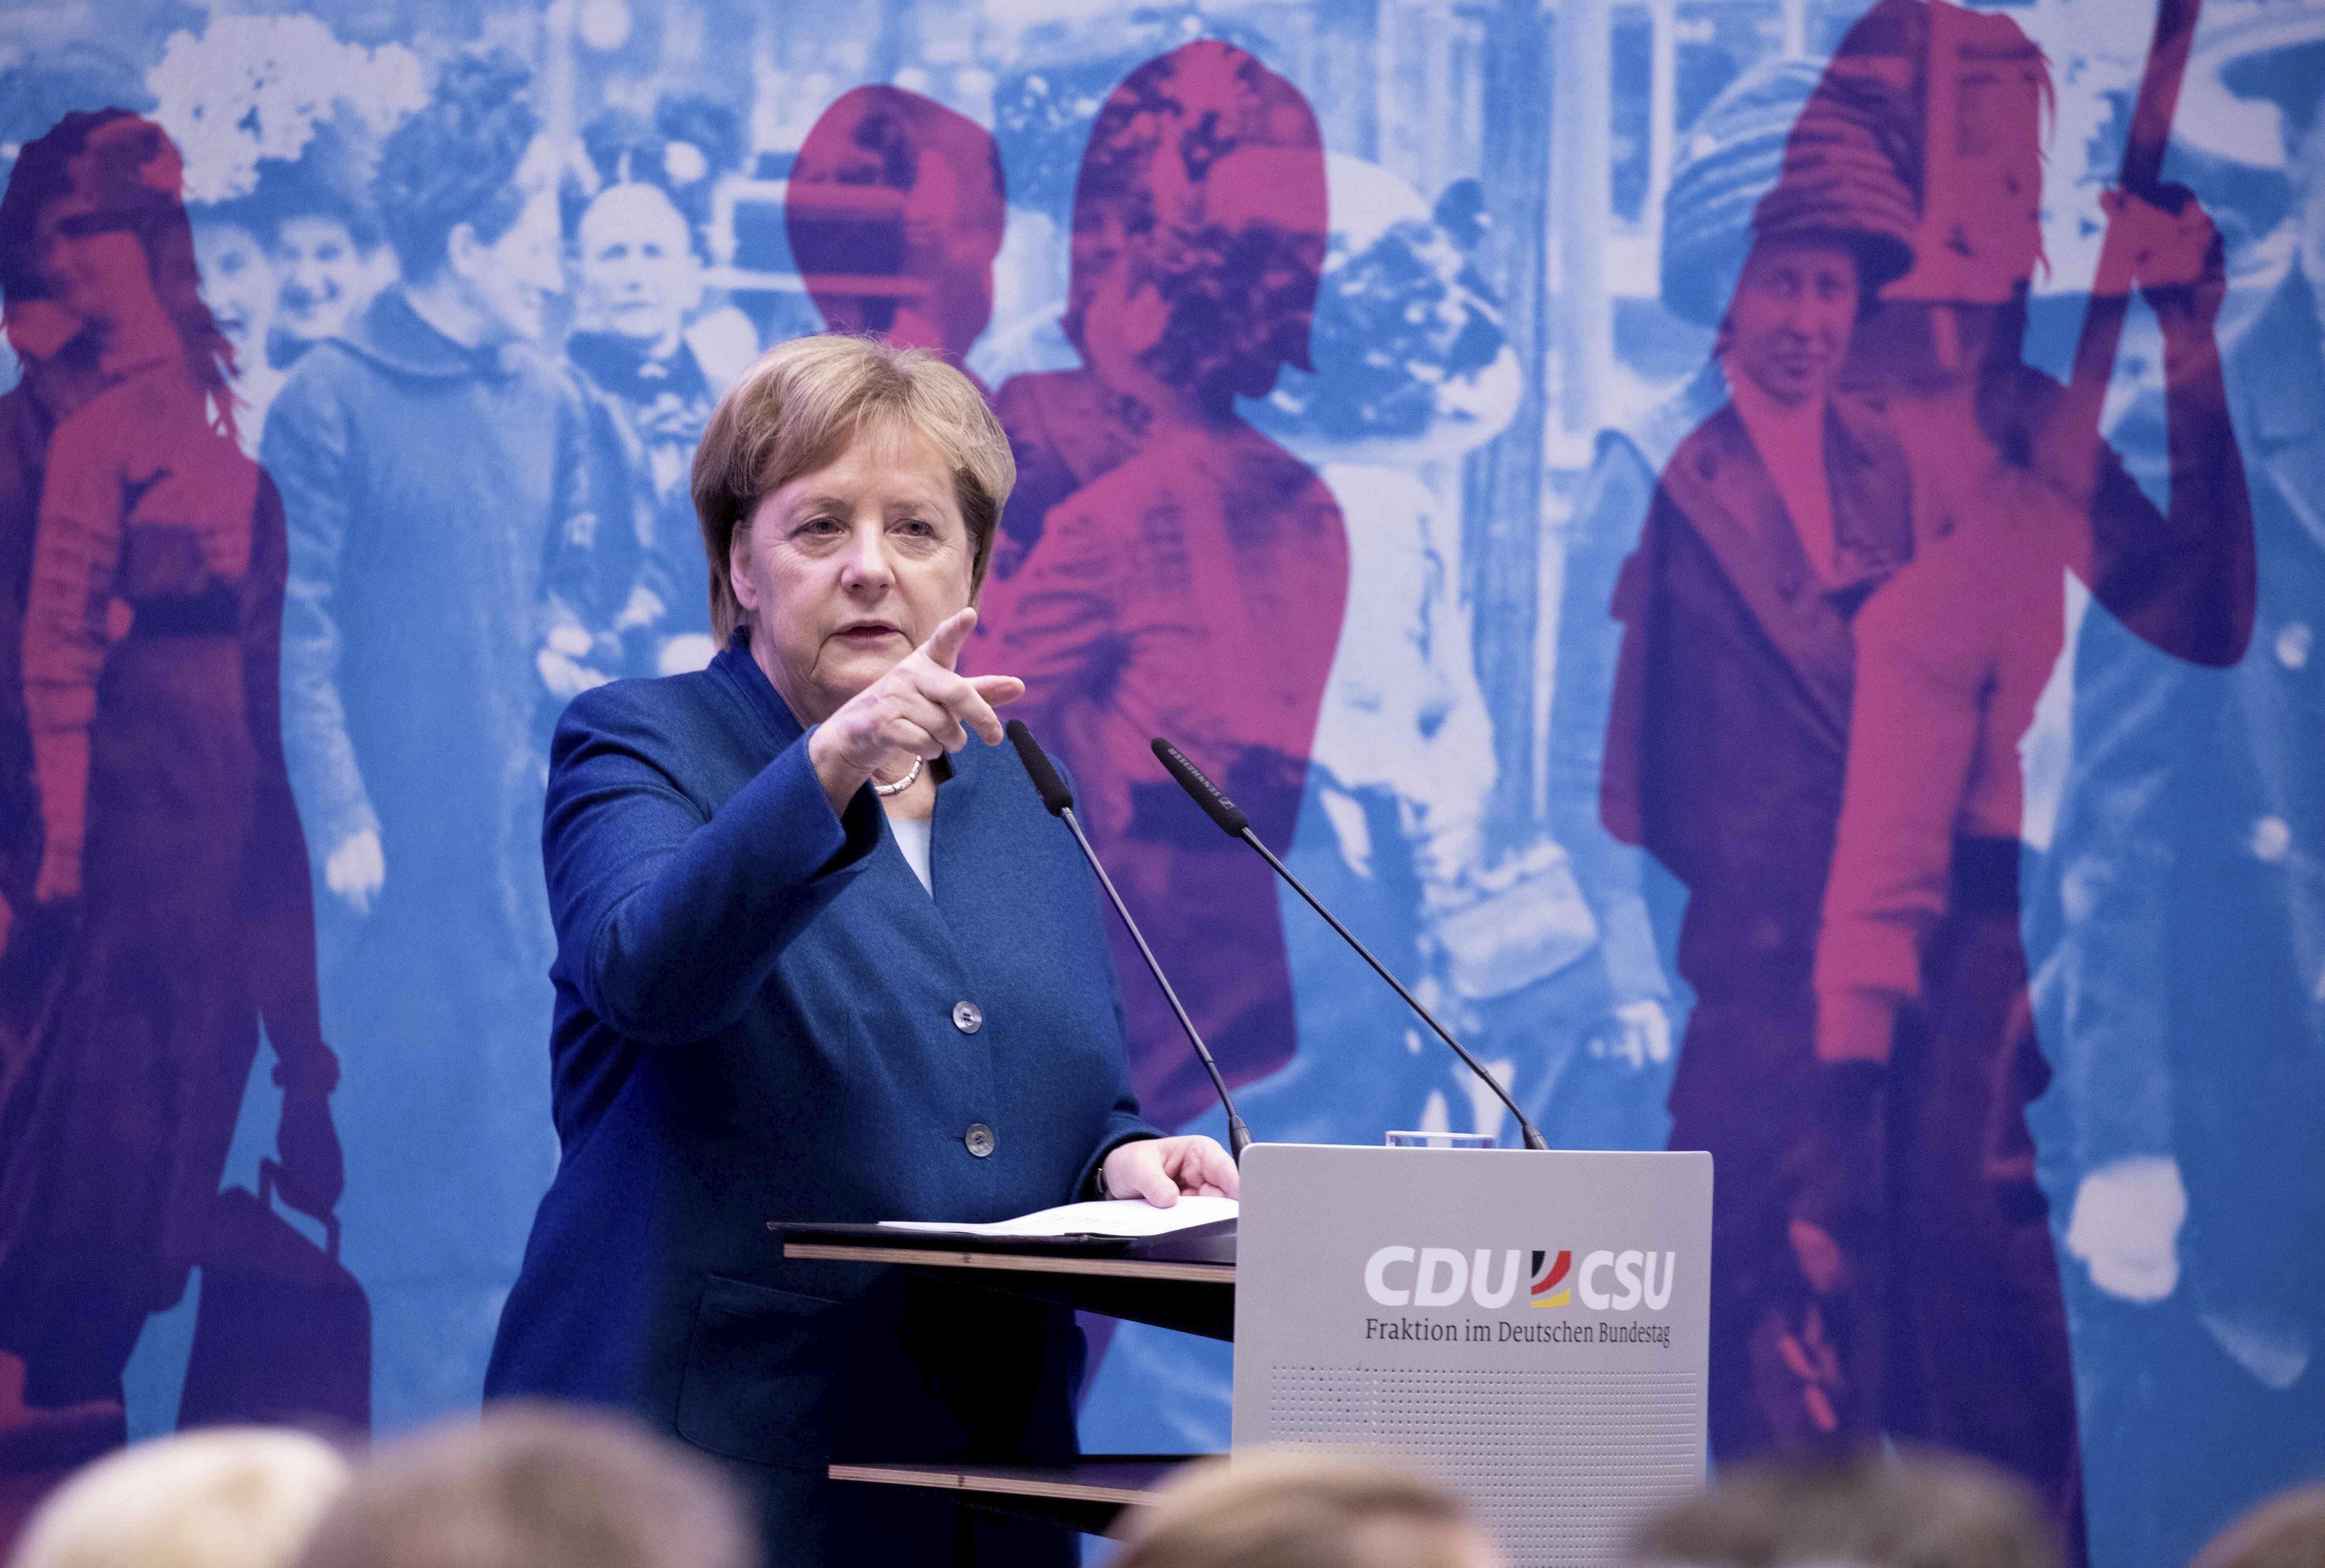 Angela Merkel: au-delà du symbole, peu d'avancées pour les femmes